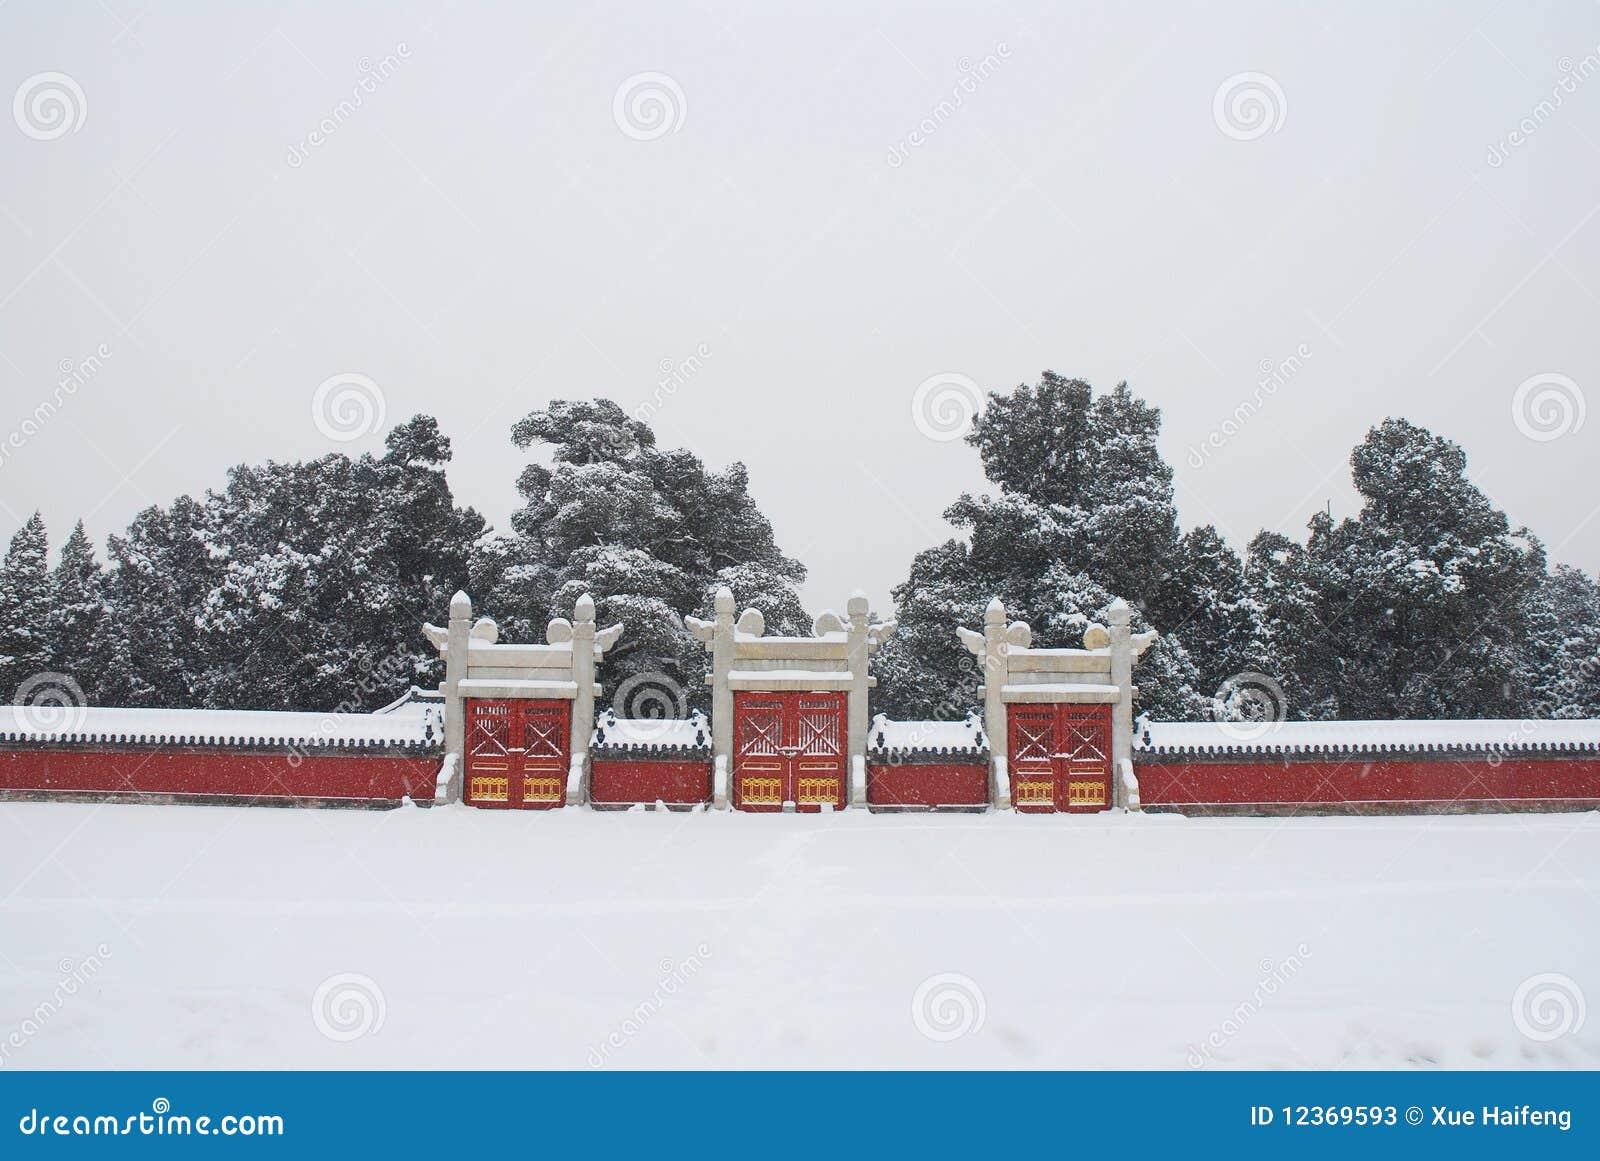 Parete rossa immagine stock. Immagine di storico, foresta - 12369593